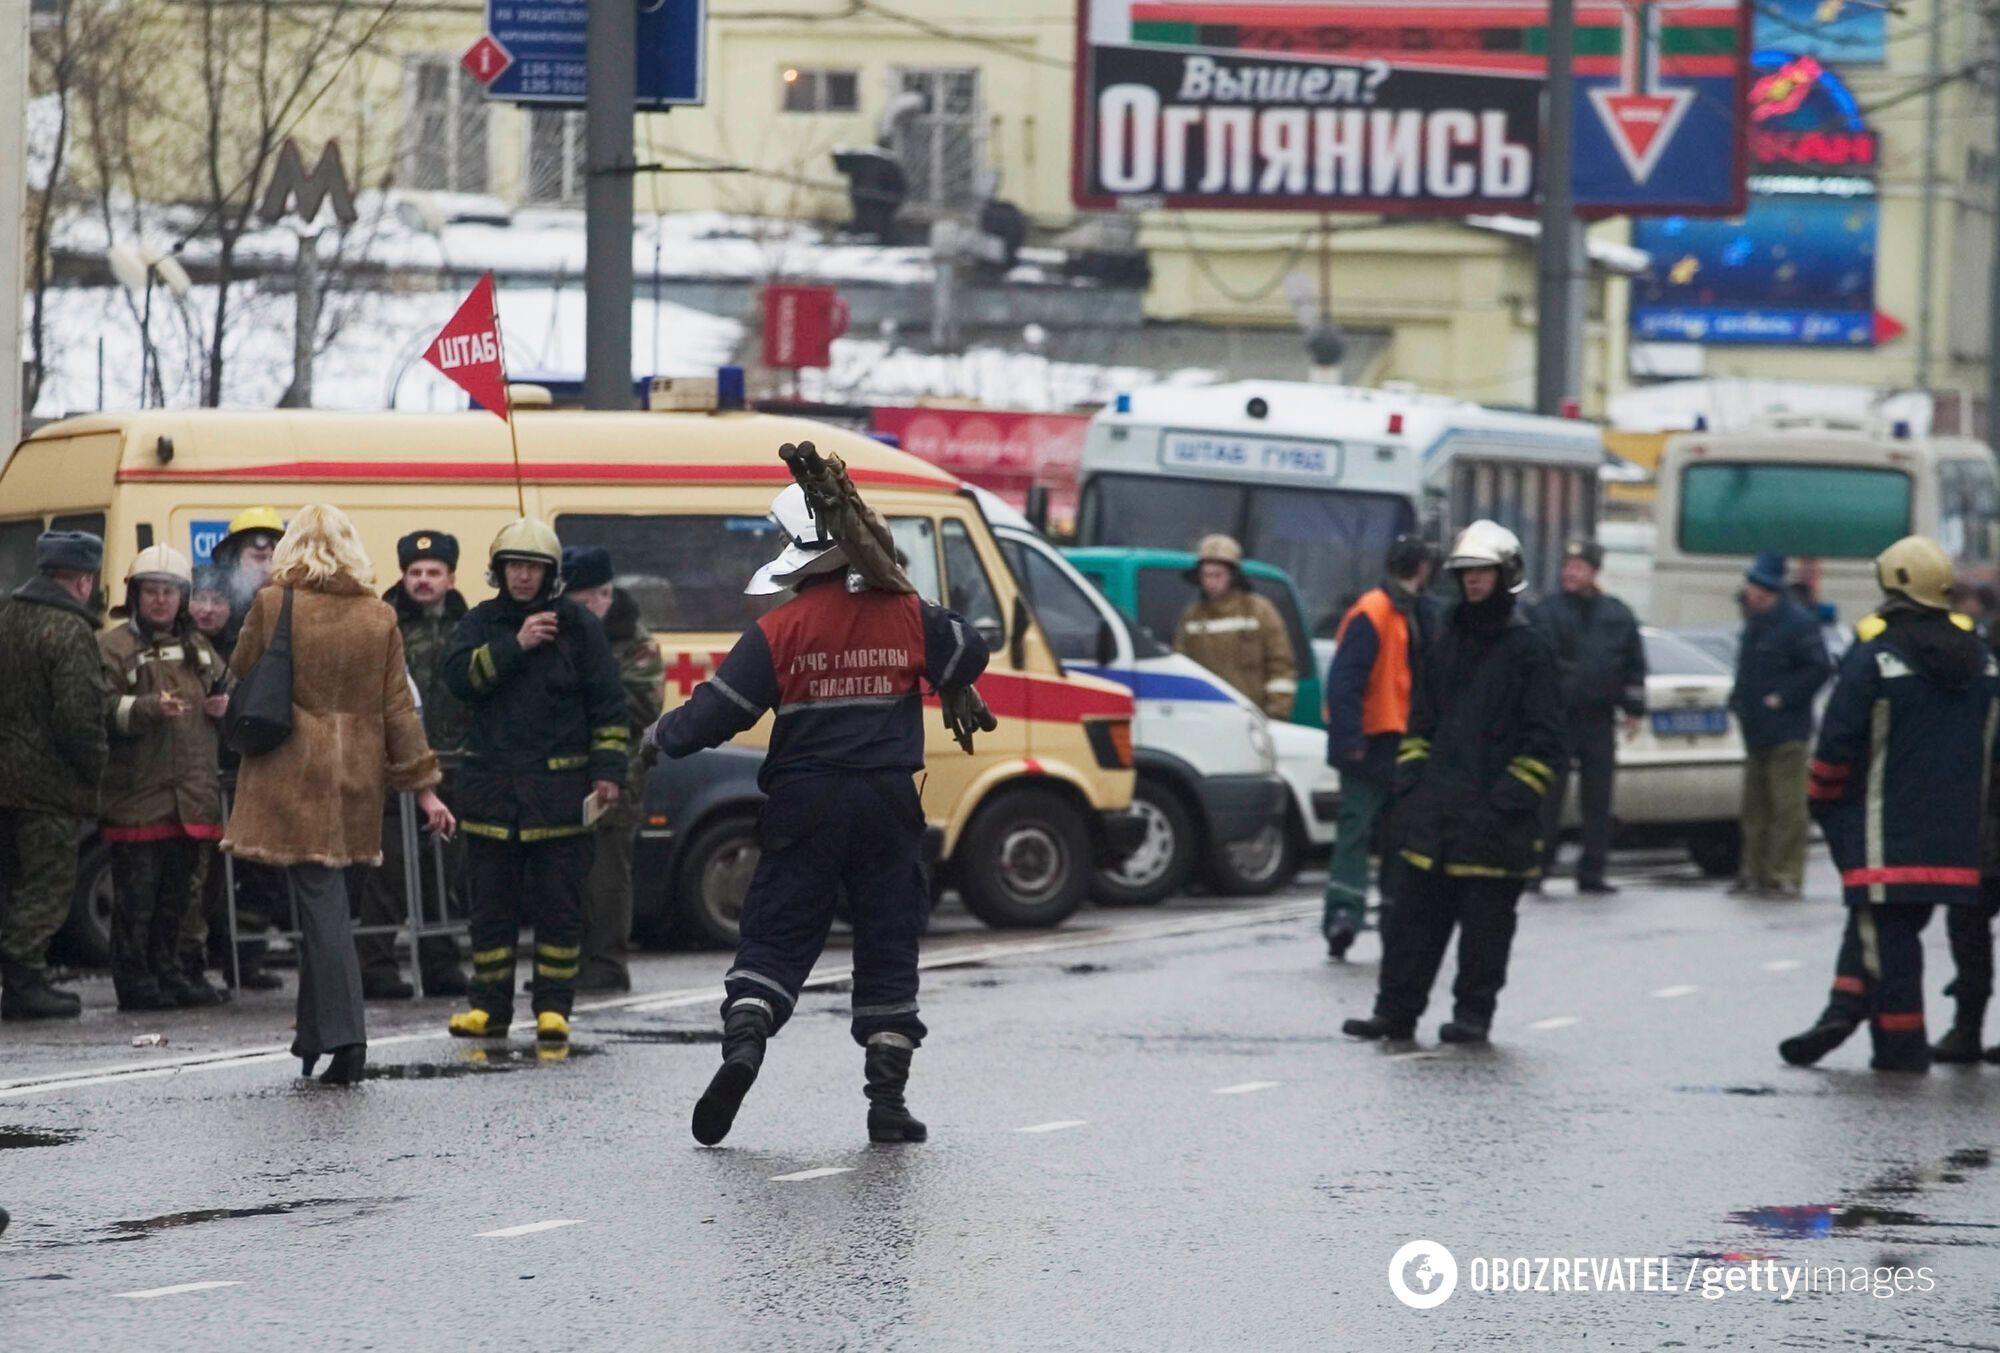 """Спасатели у станции метро """"Автозаводская"""", 6 февраля 2004 года, Москва"""